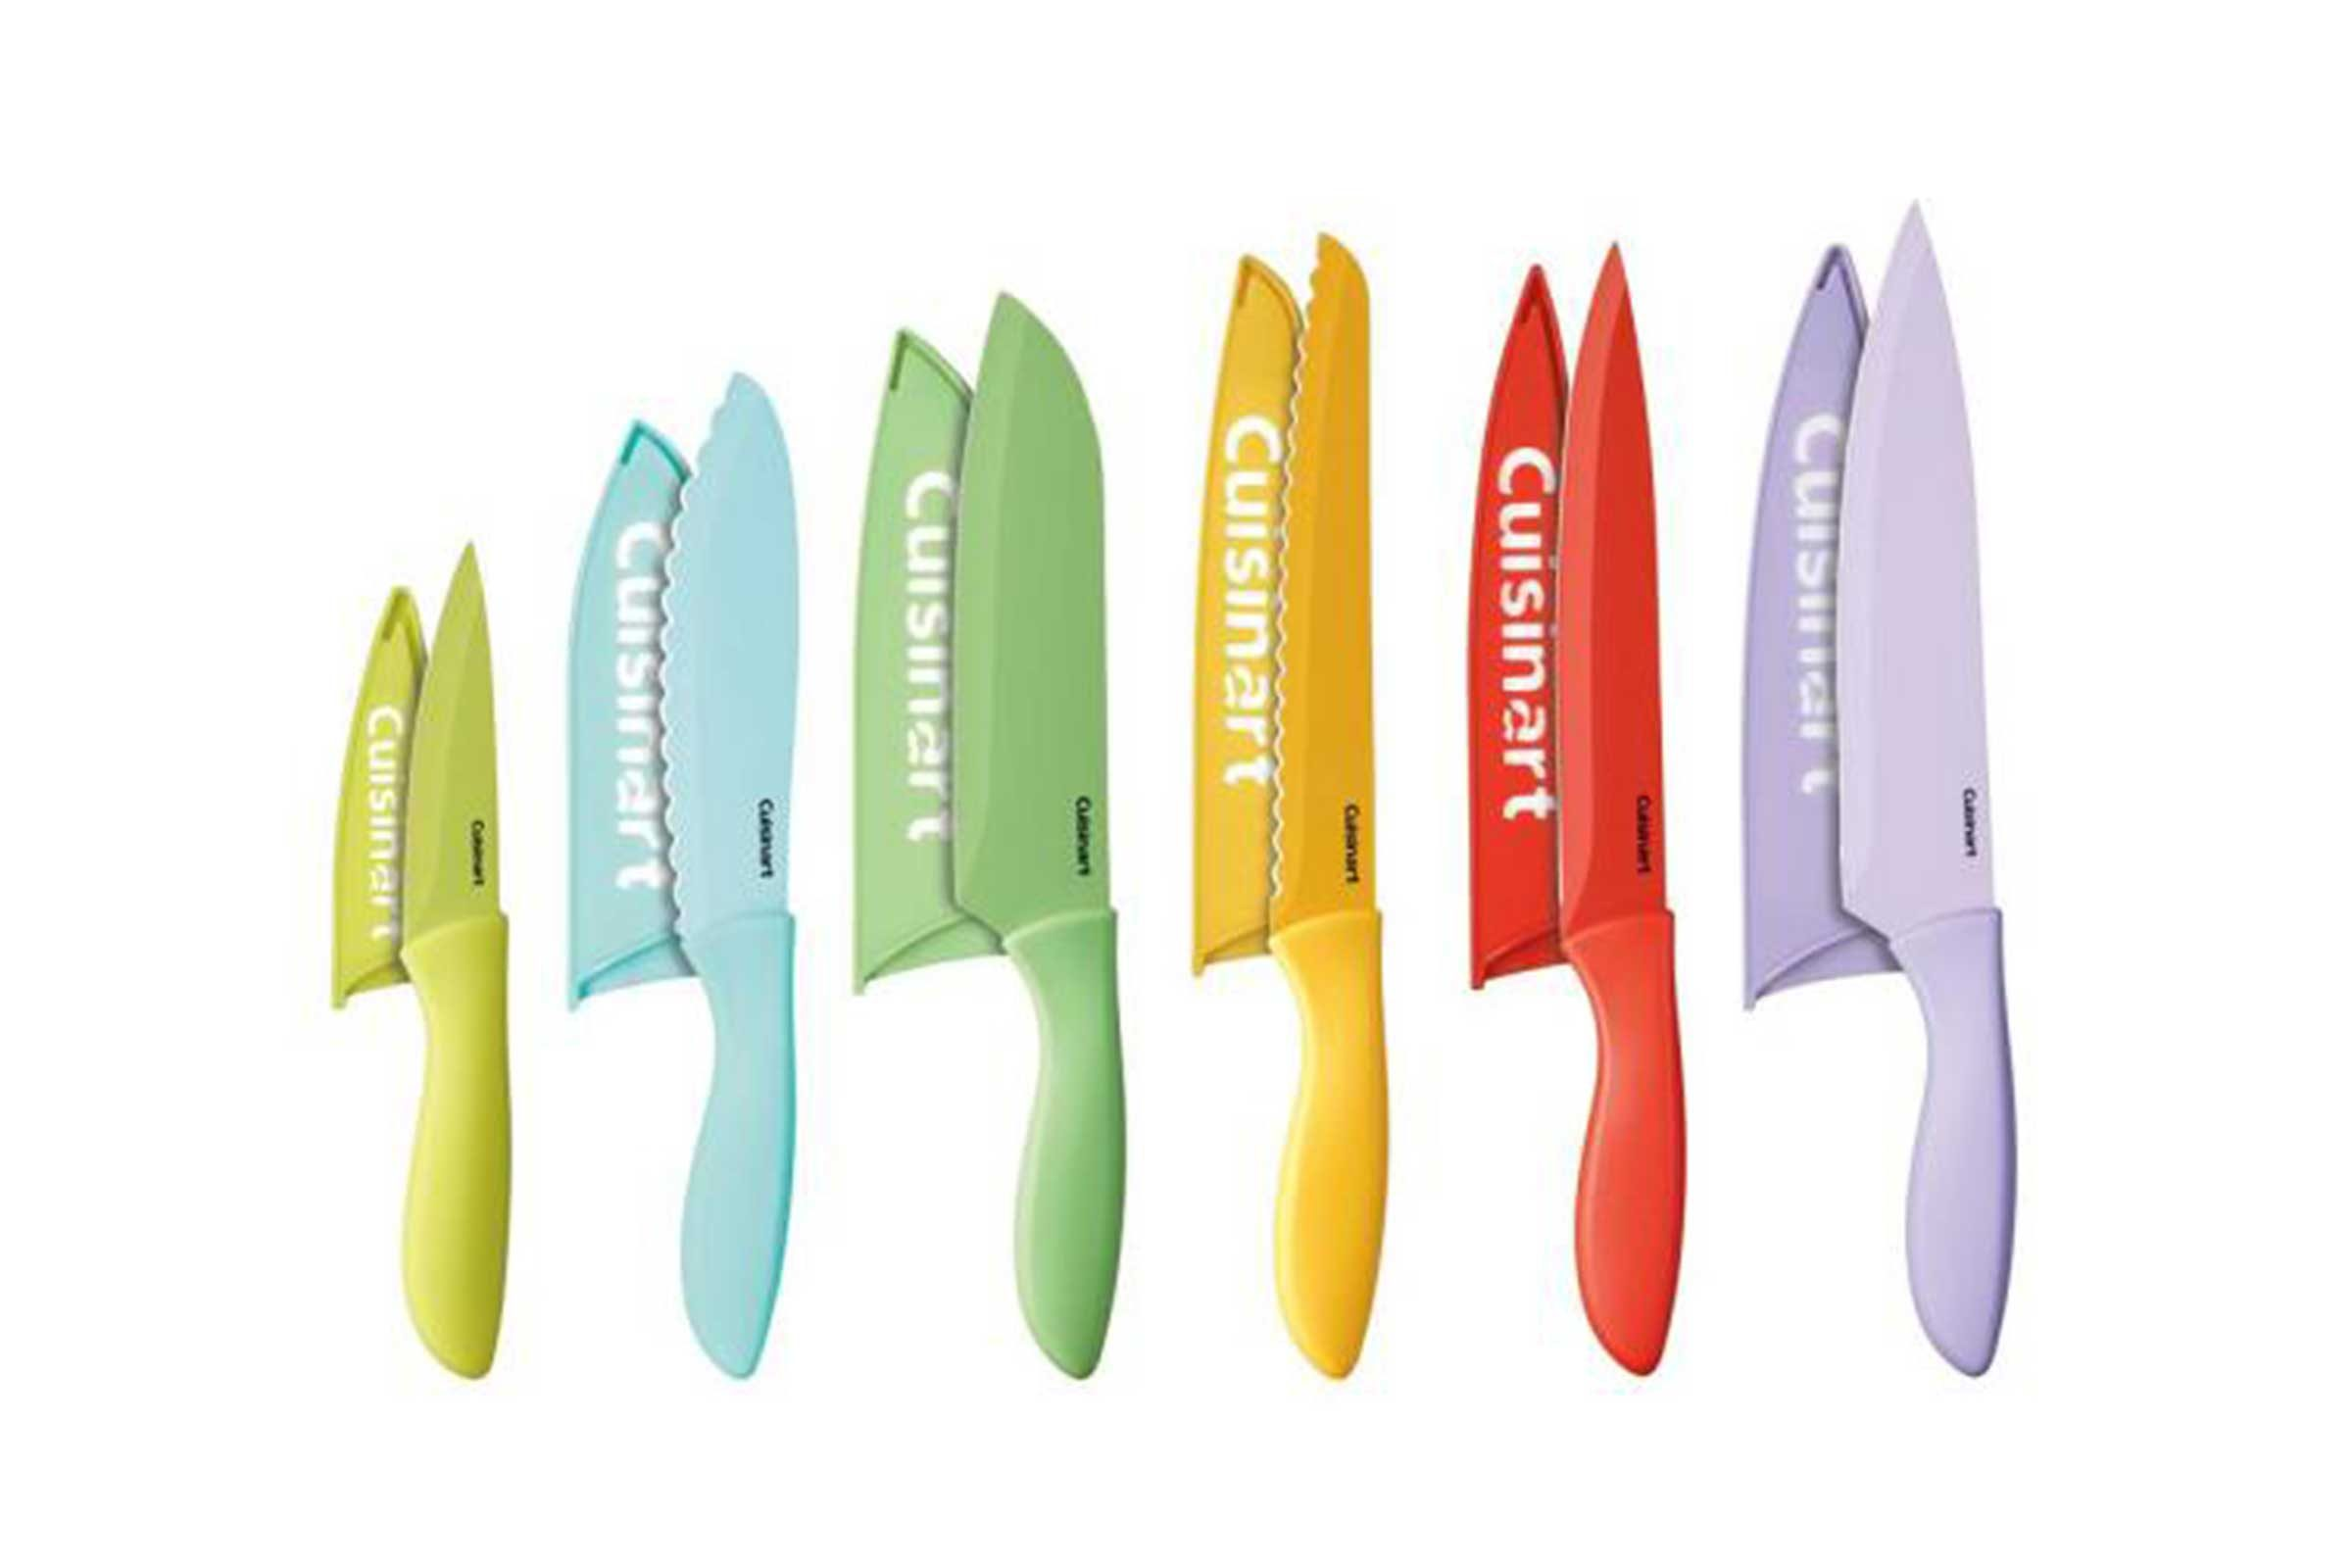 06_Ceramic-coated-color-knife-set